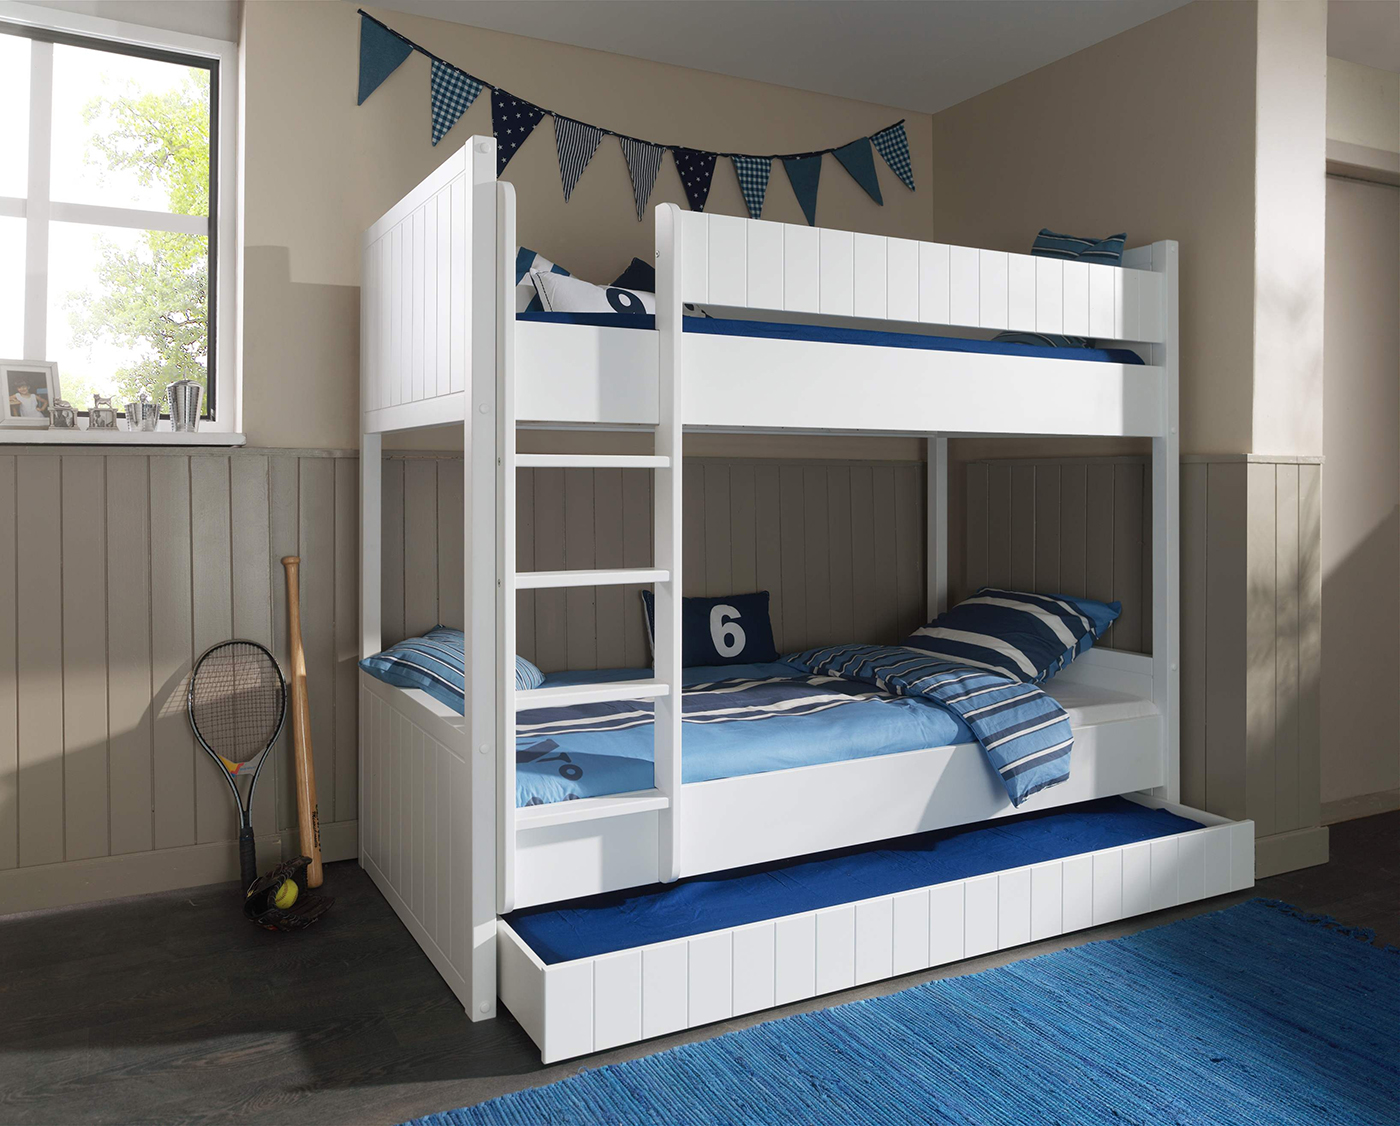 Etagenbett Romy weiß inklusive Bettkasten